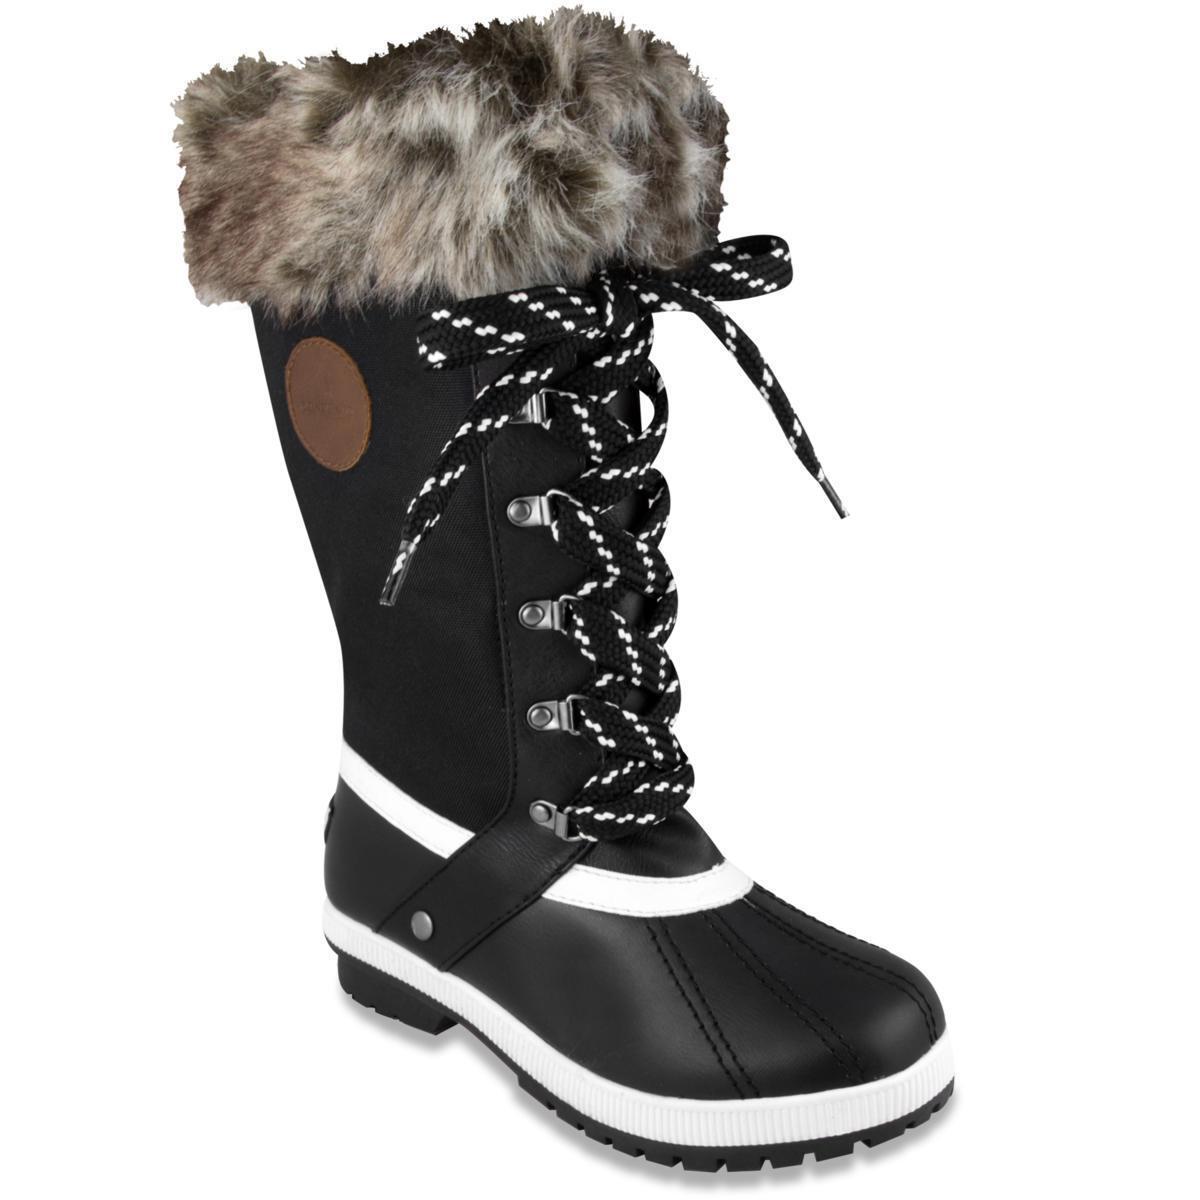 London Fog Melton 3 Winter Boot 1202201